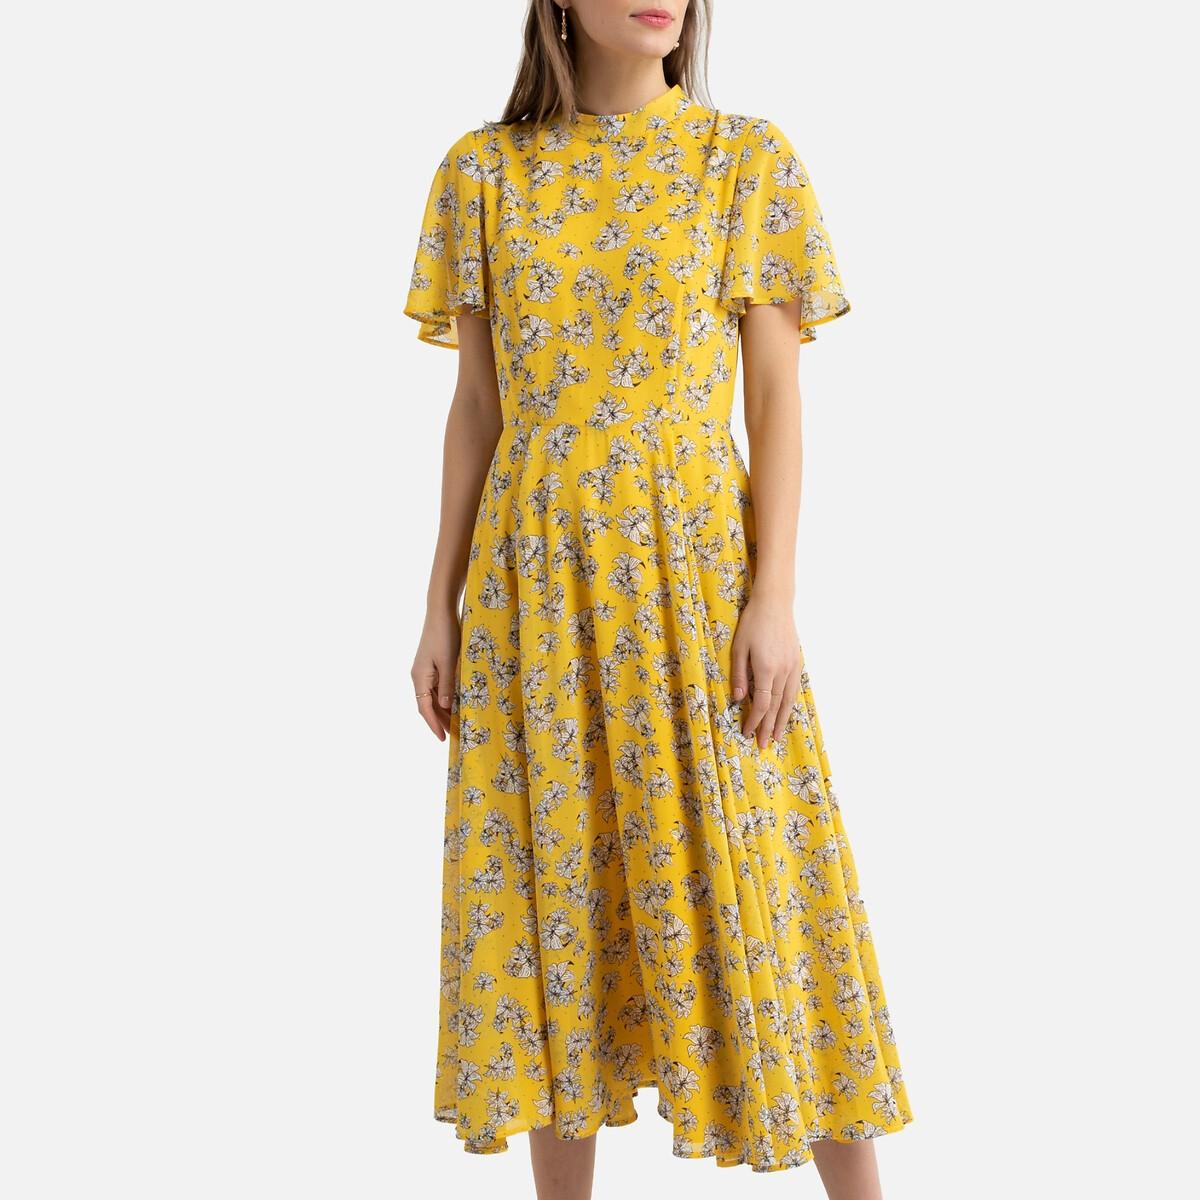 Vestido estampado com folhos nas mangas curtas